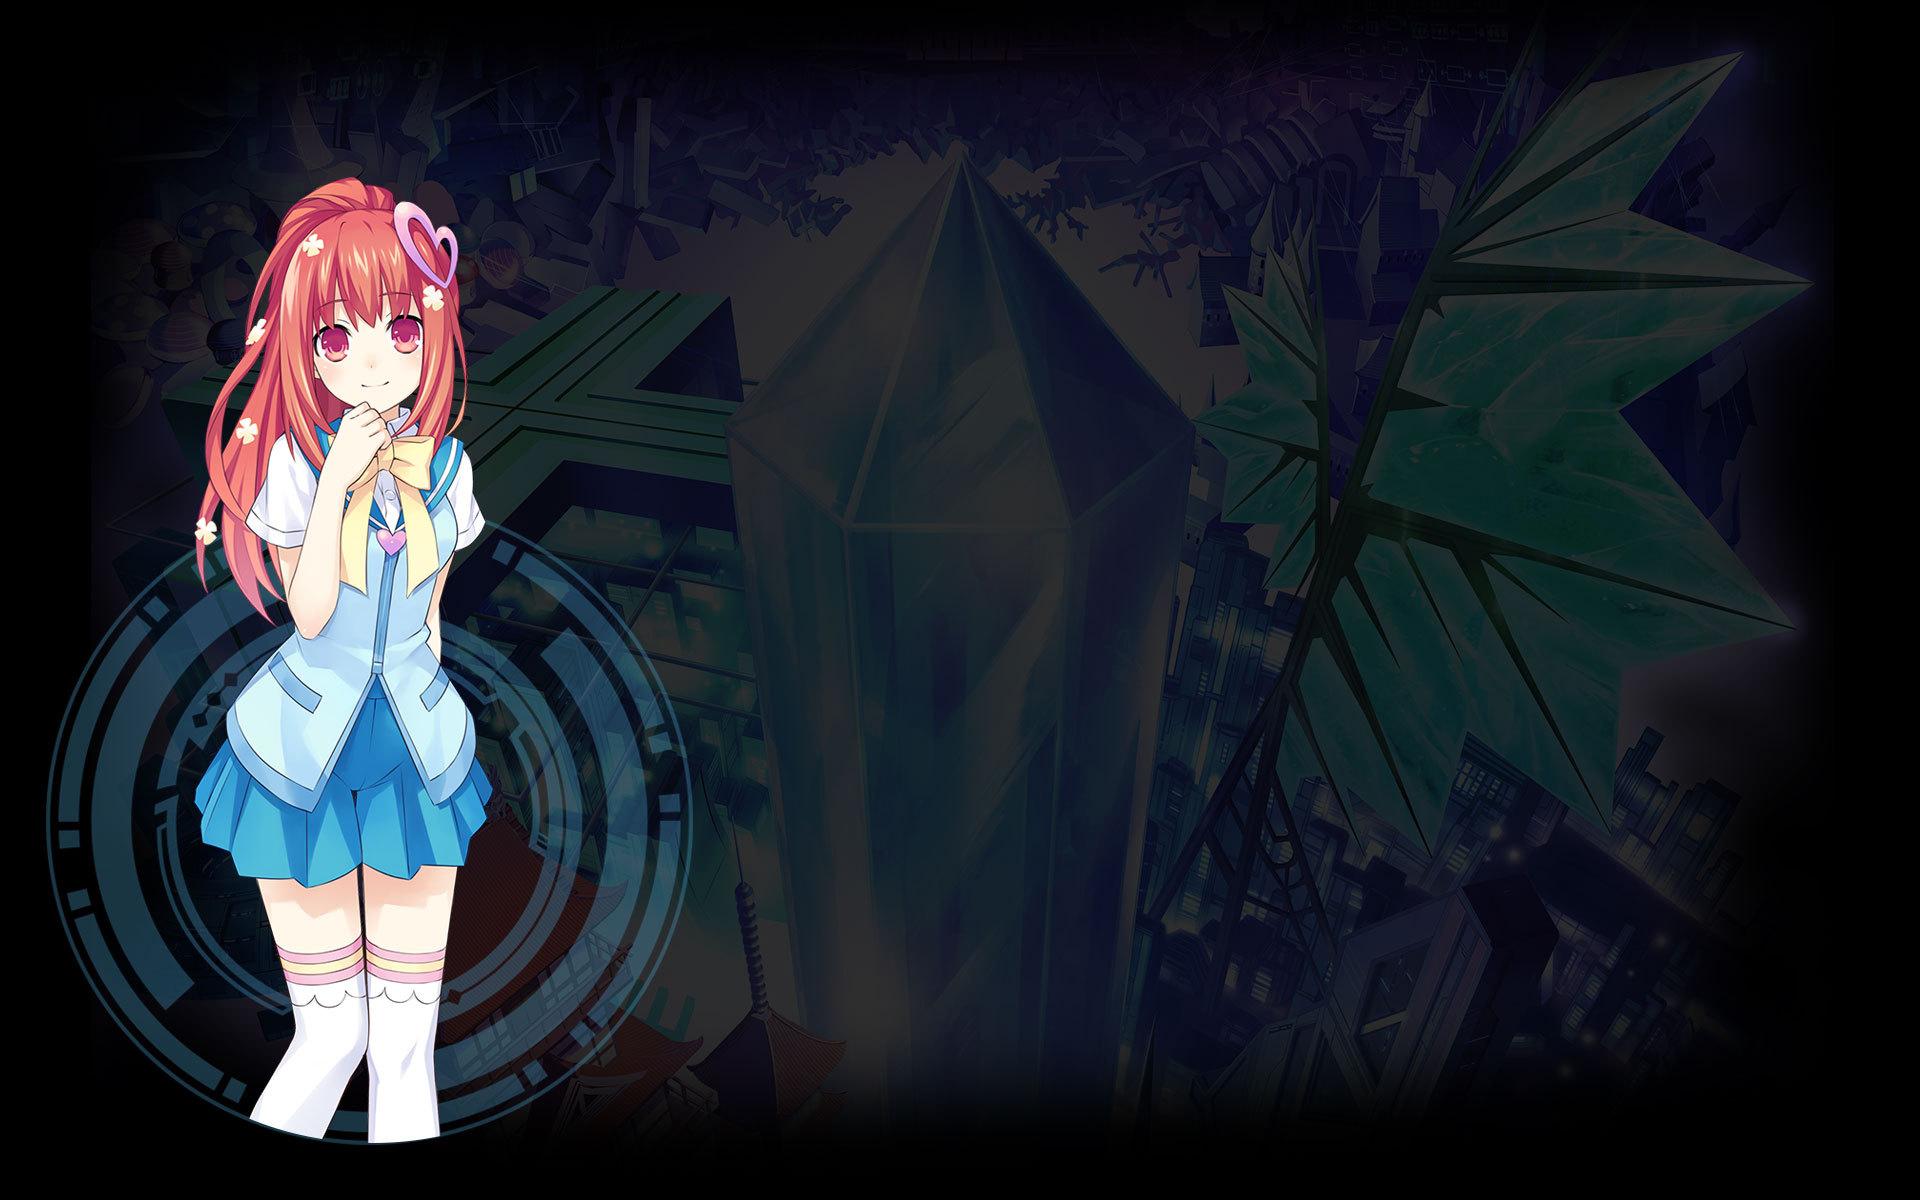 Hyperdevotion Noire: Goddess Black Heart Wallpaper 010 – Saori